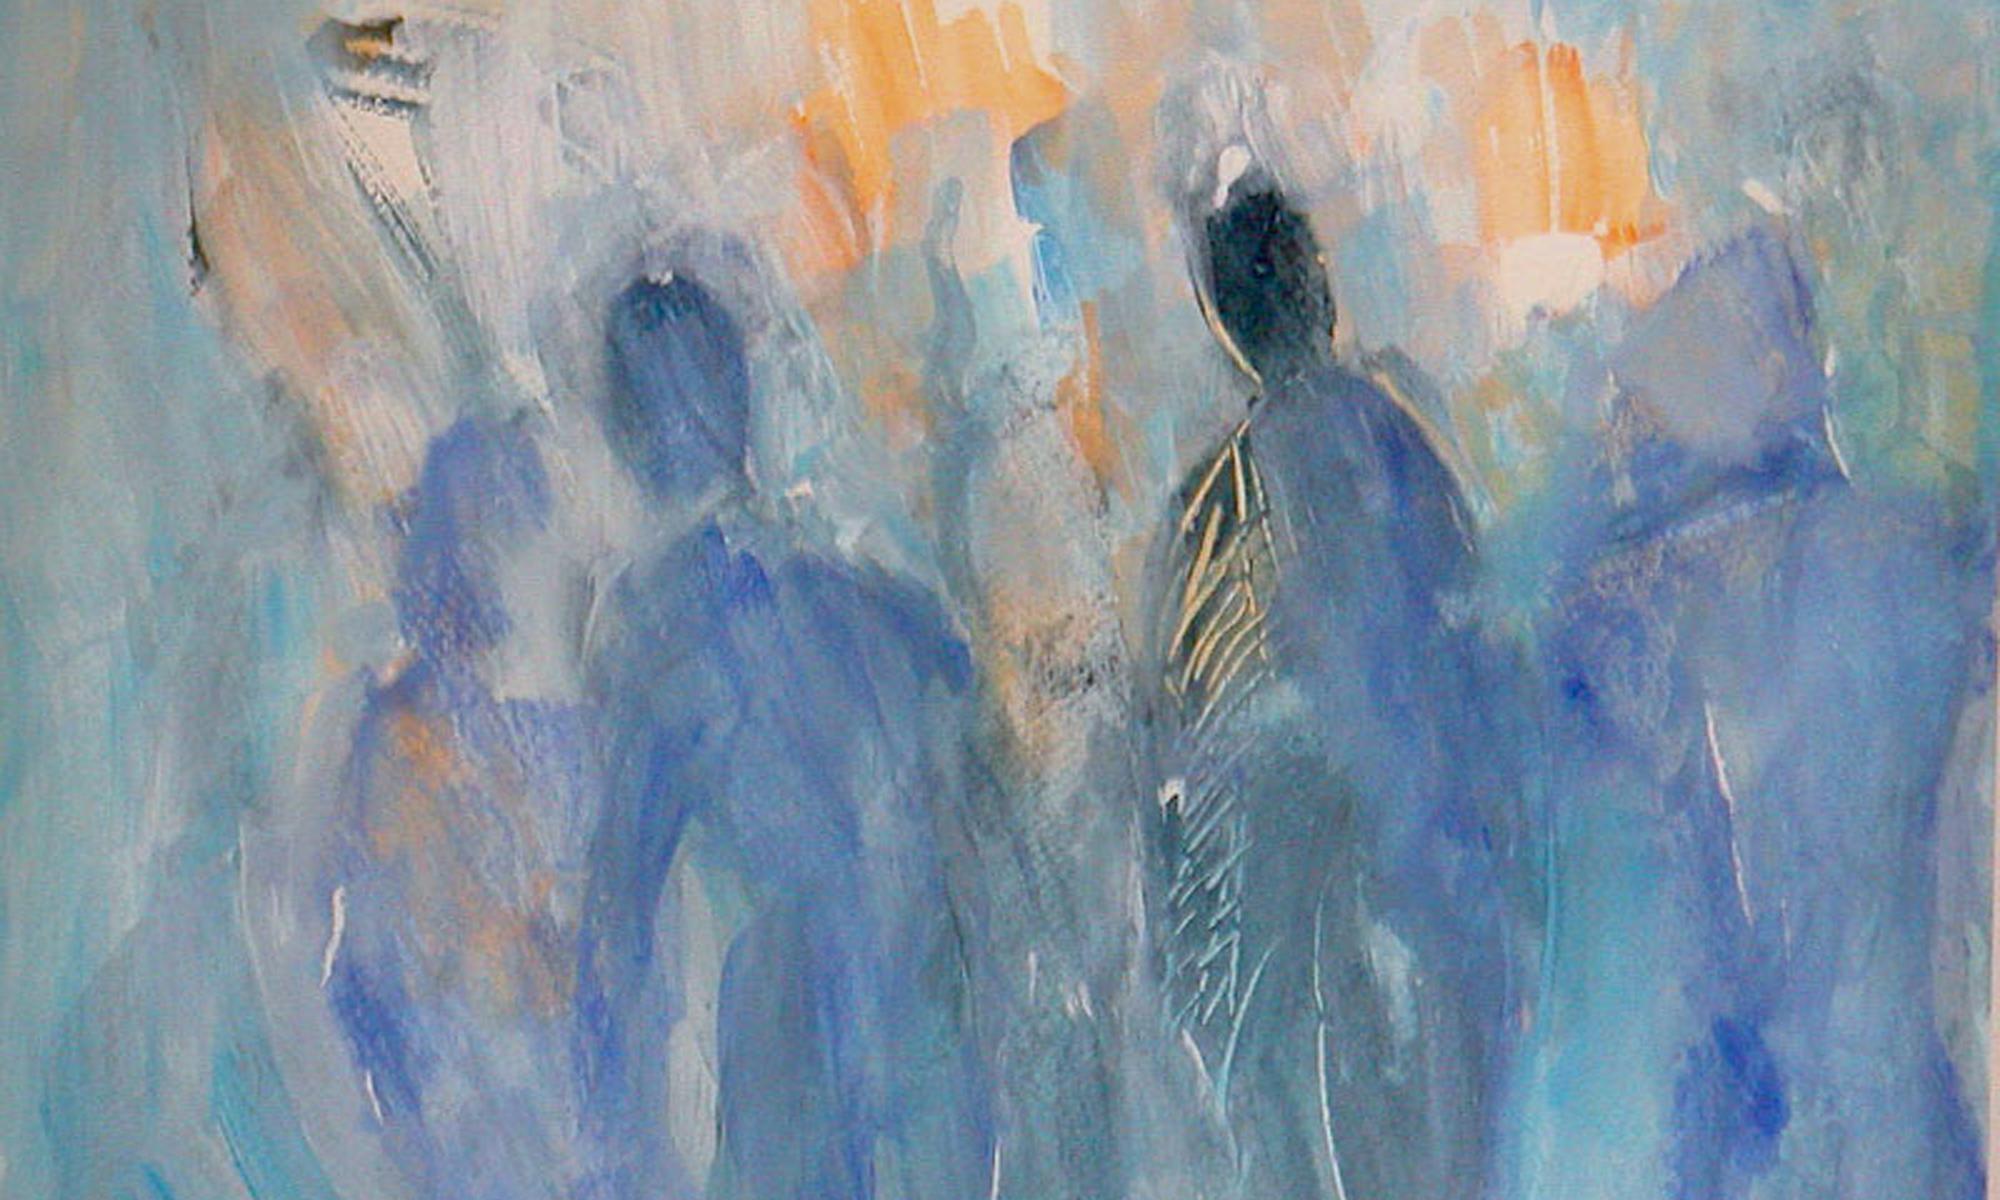 """"""" Blick ins Ungewisse"""", Acryl/Lw. 30x40 cm Allegorische und literarische Bilder"""